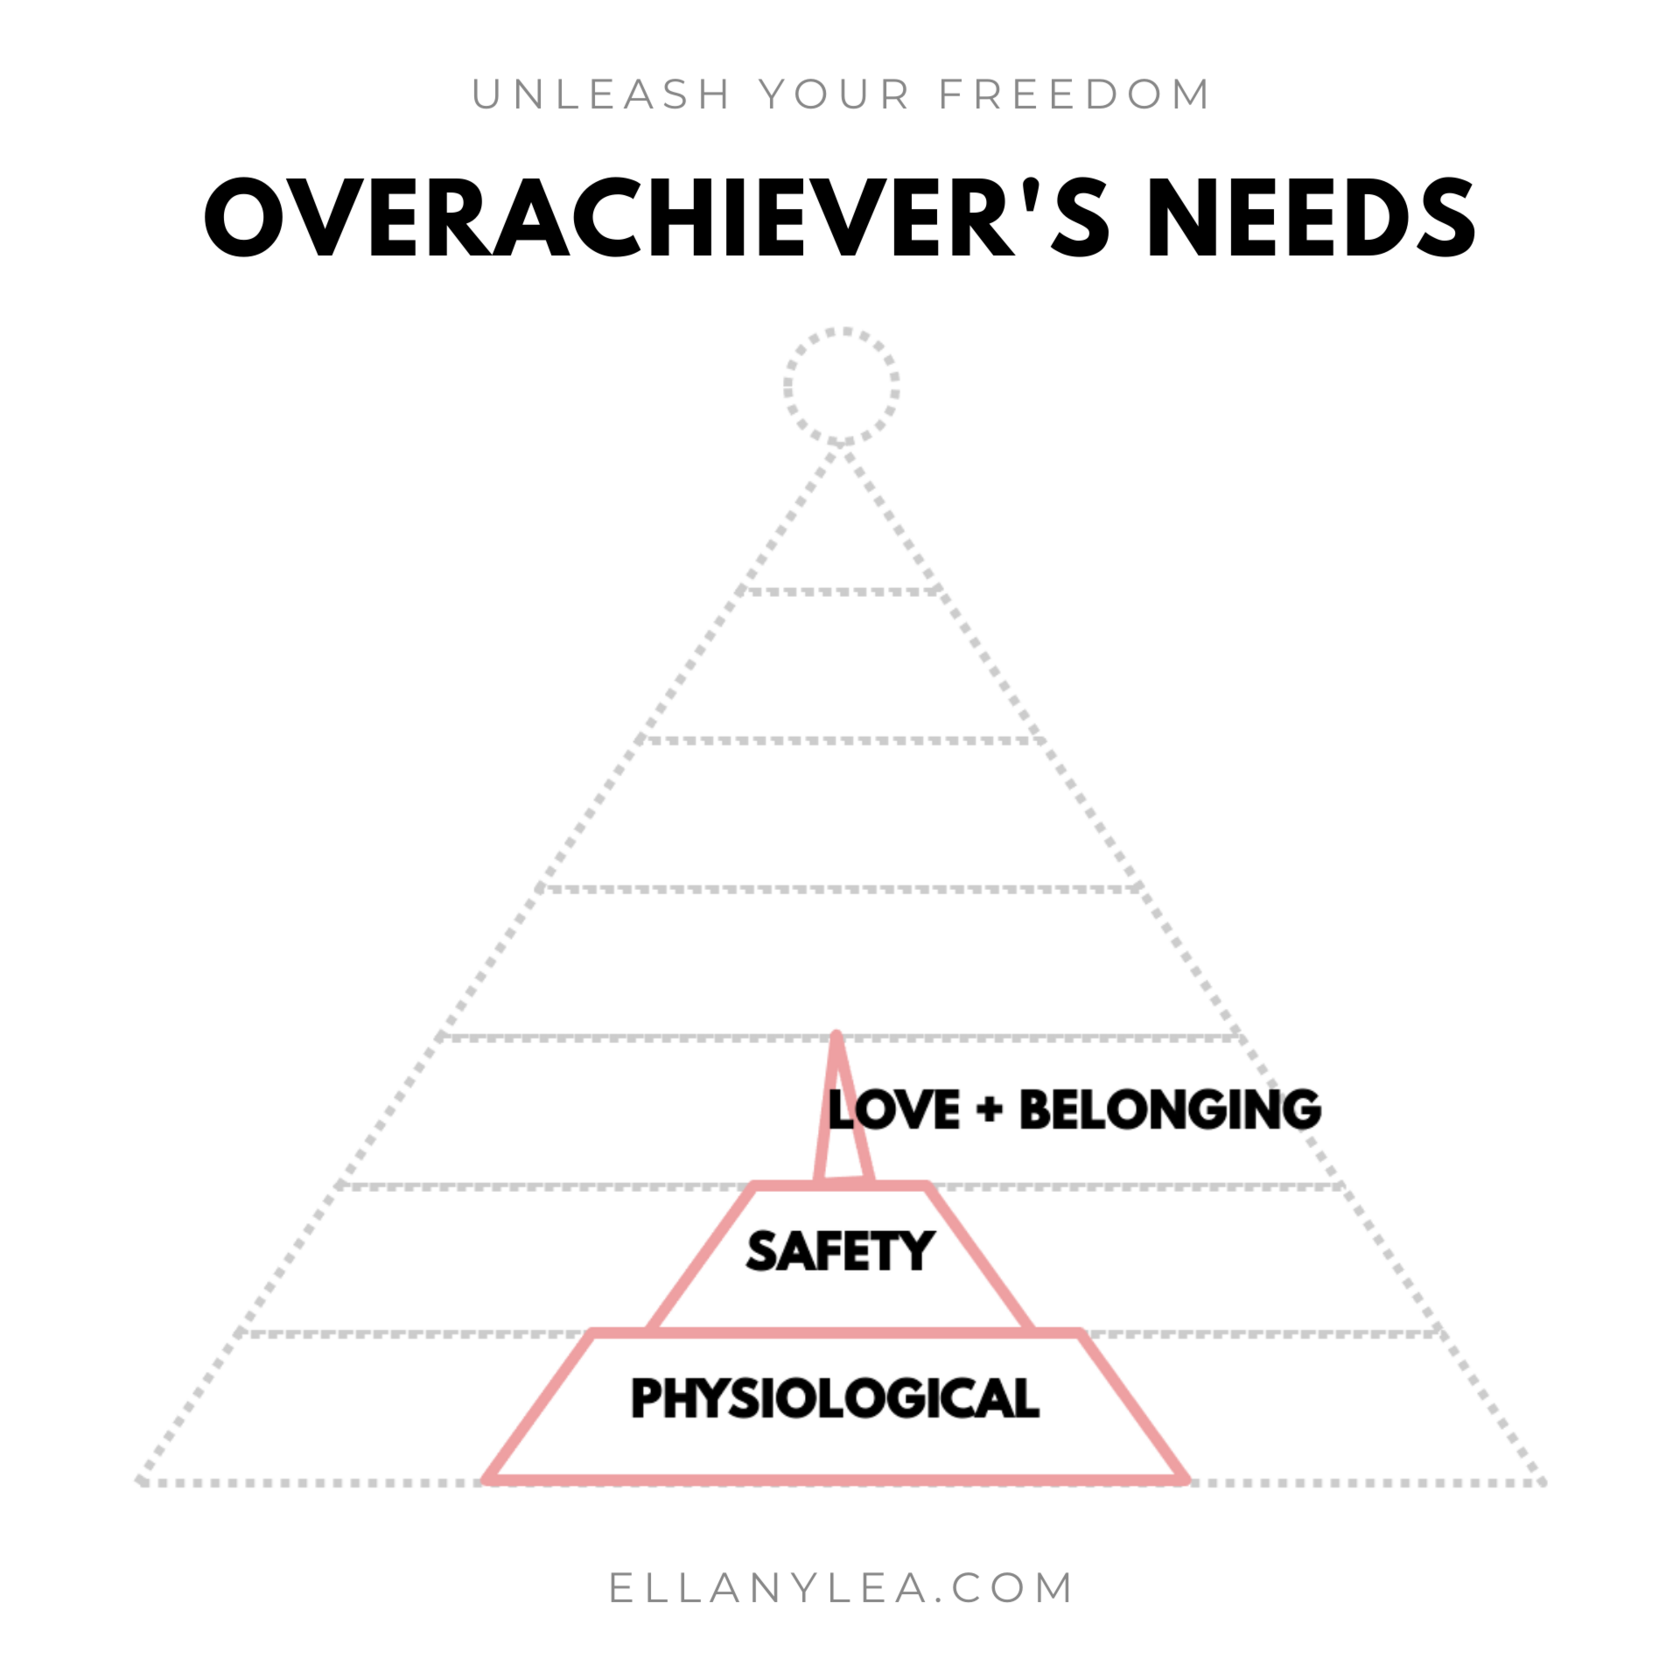 EL - Overachievers Hierarchy of Needs - Stack love belonging